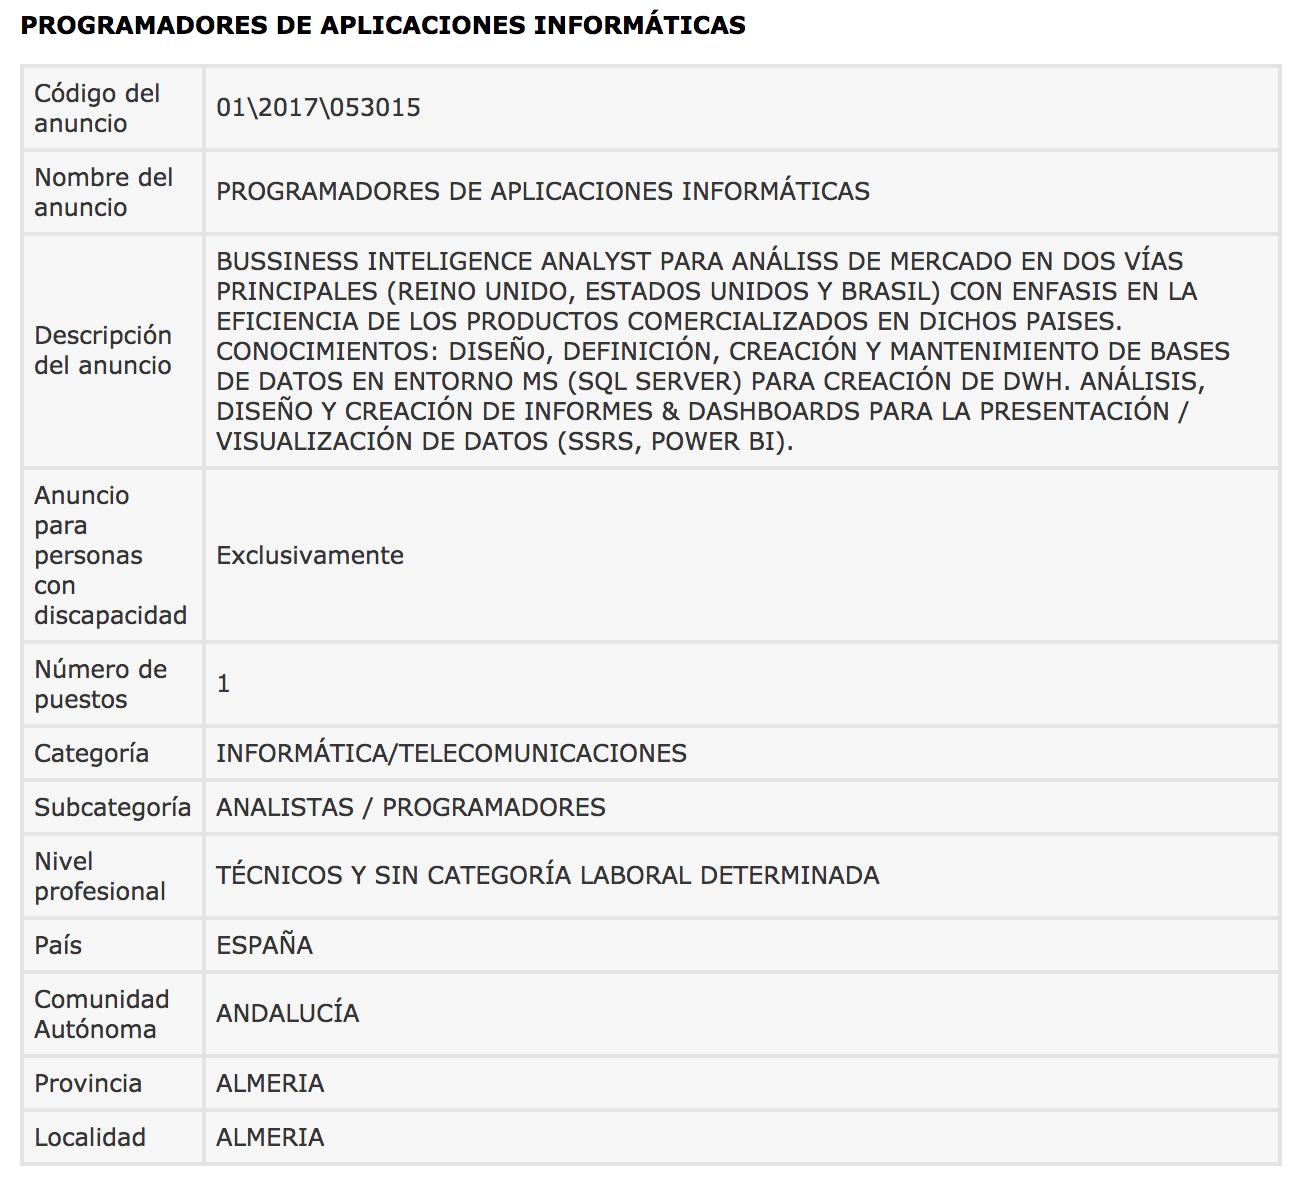 Ofertas de Empleo en España: Programadores de Aplicaciones ... - photo#28